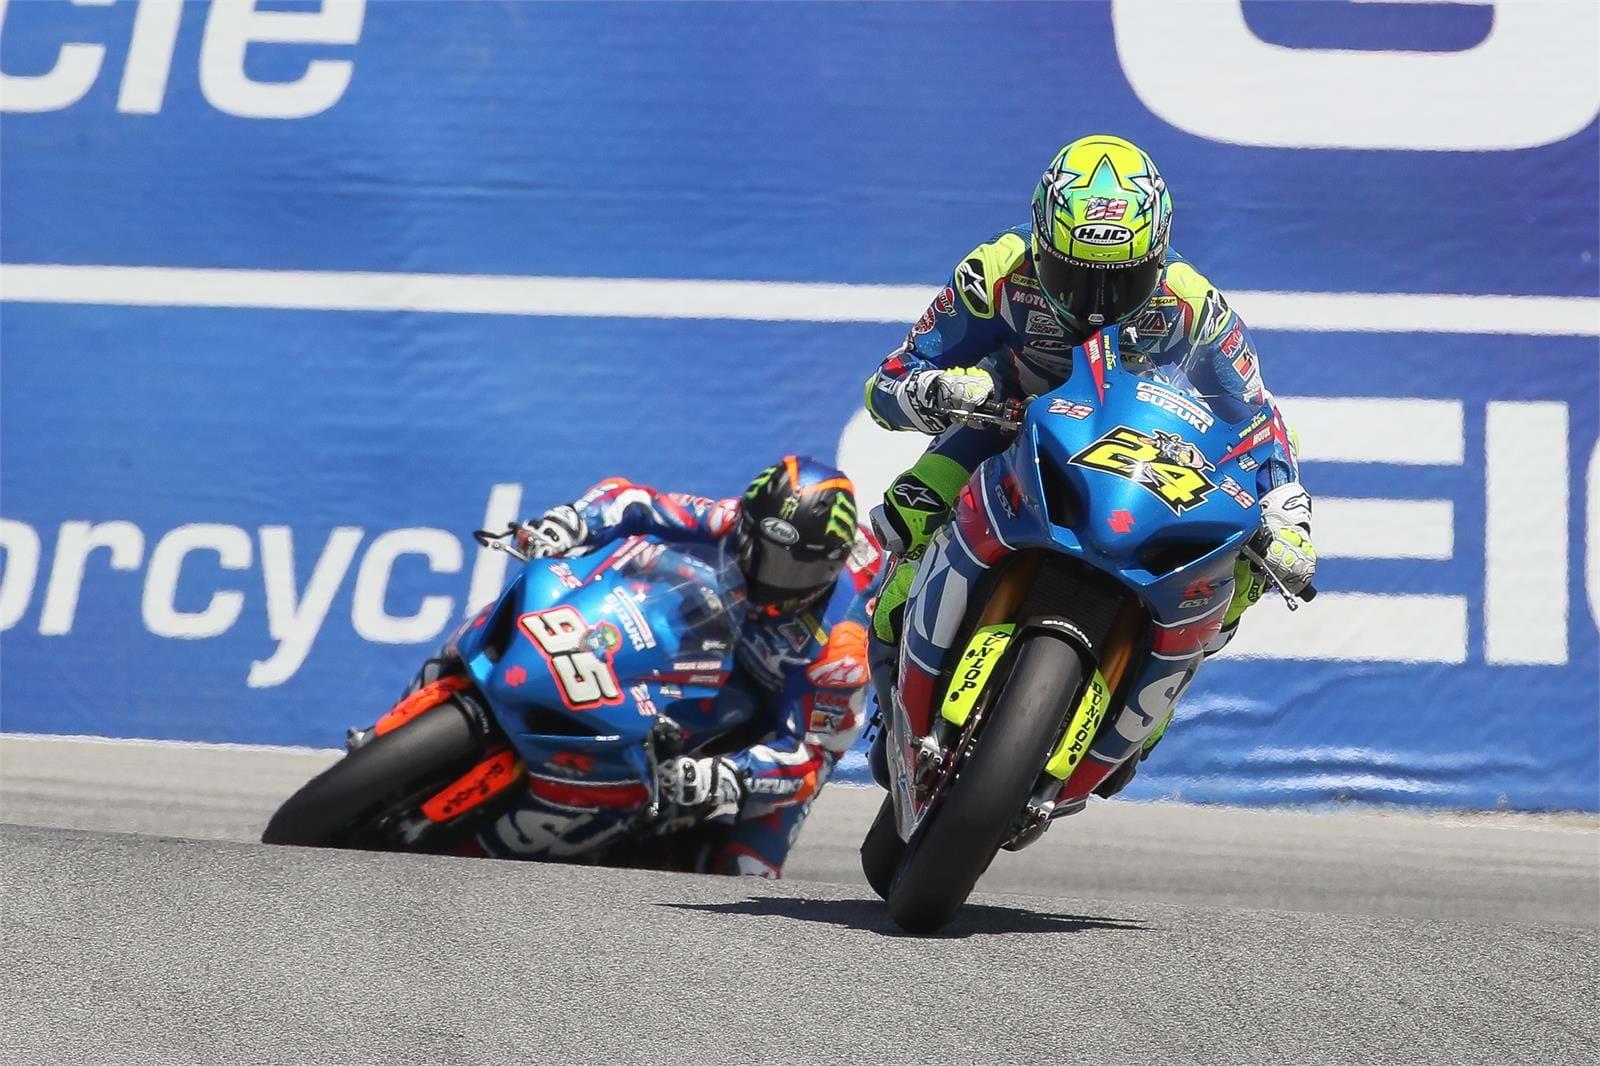 Elias and Hayden at Laguna Seca on Suzuki GSX-R1000